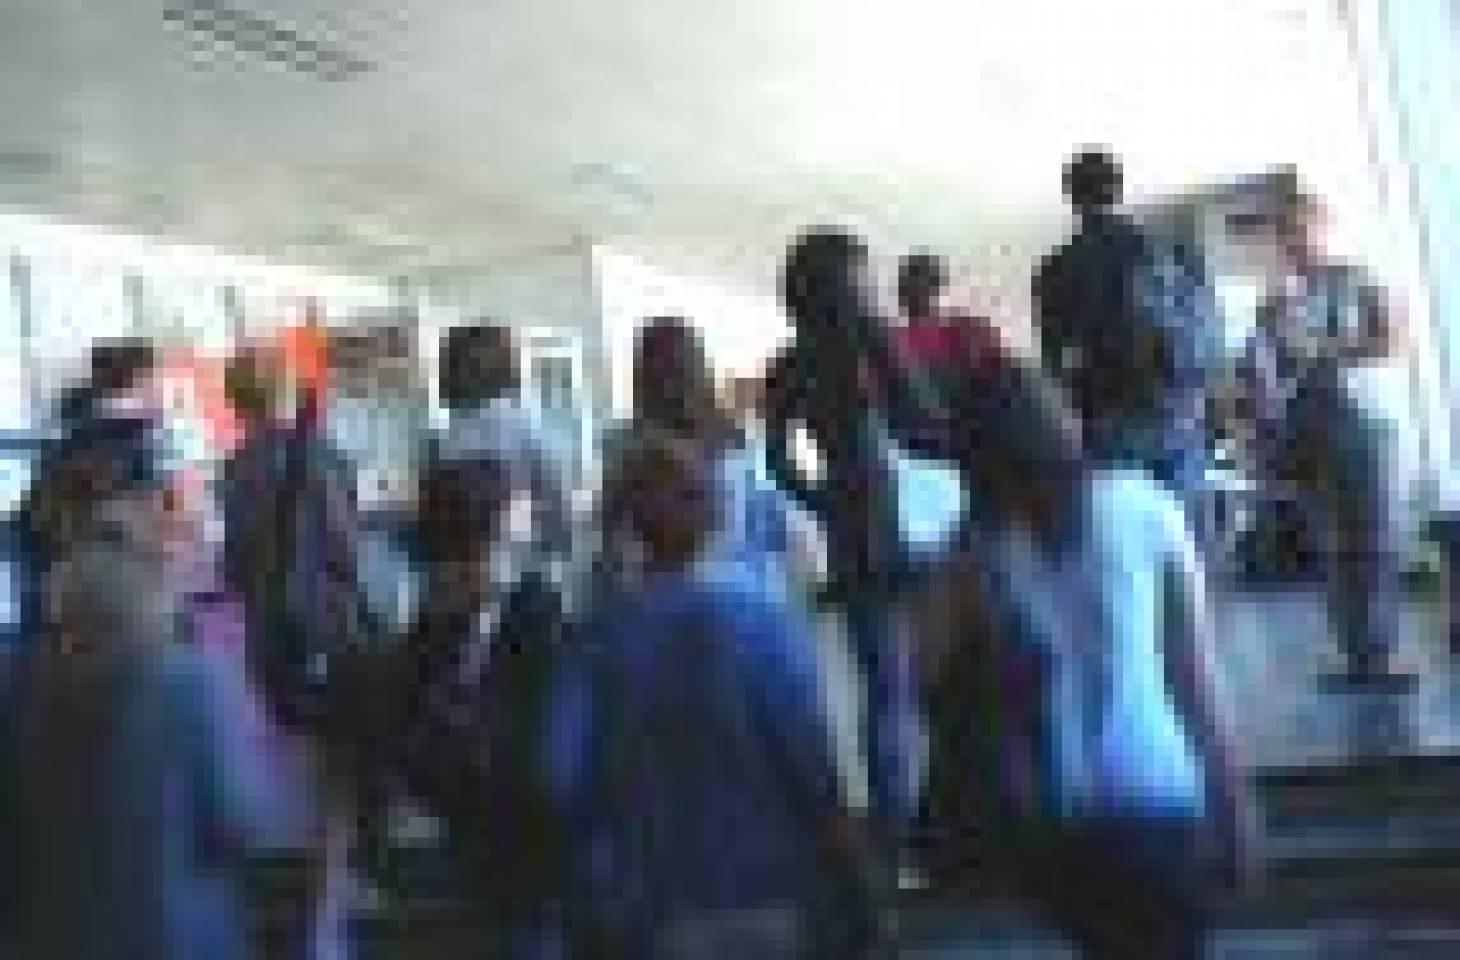 Les étudiants parlent aux étudiants